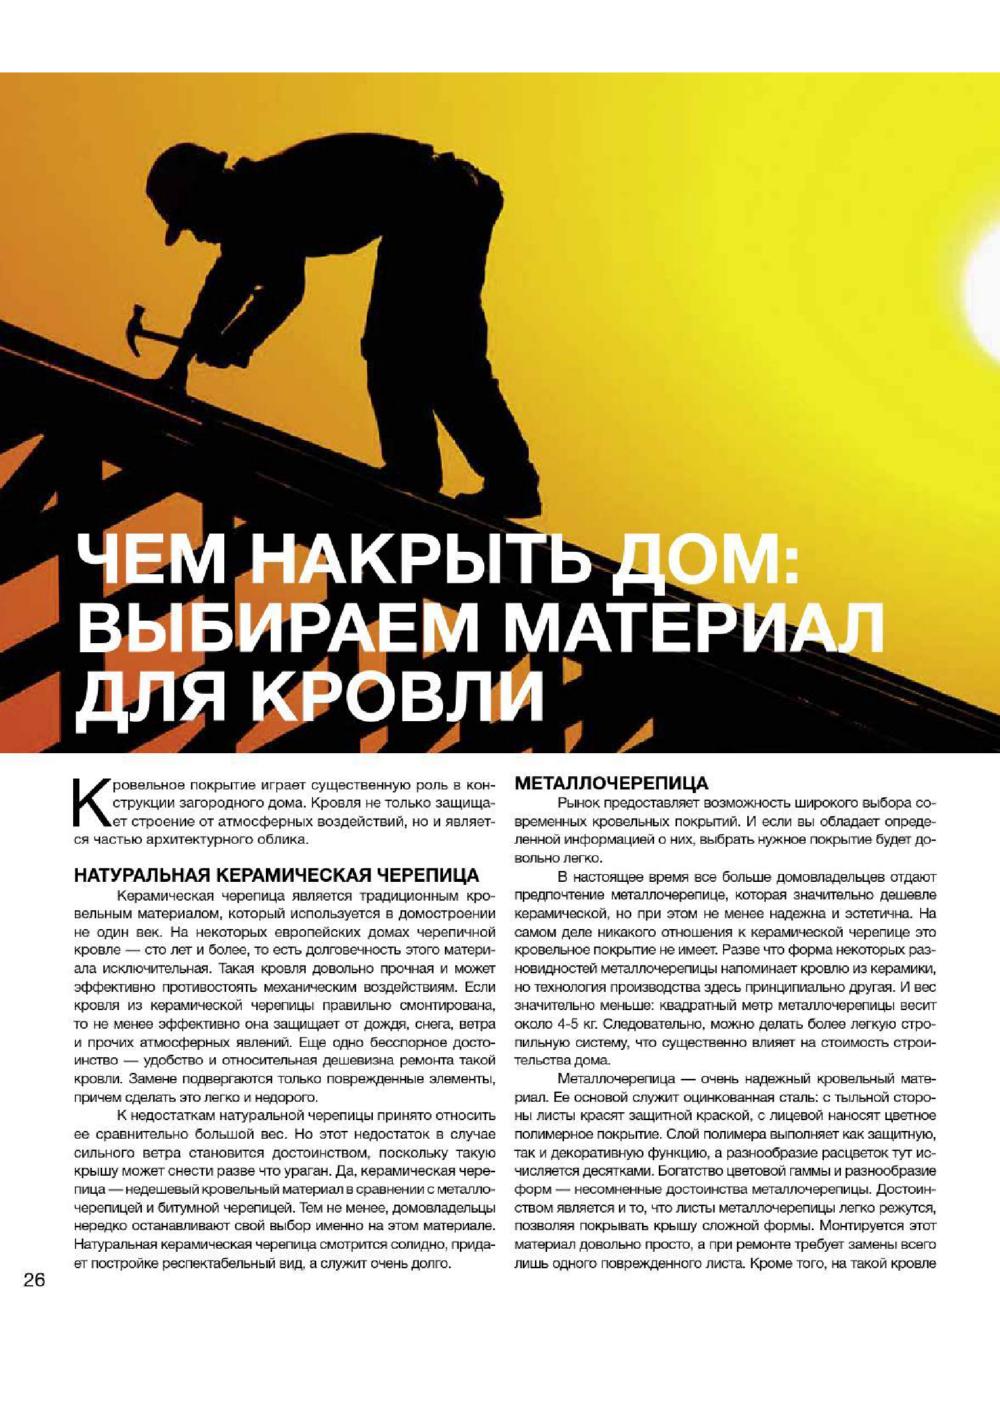 http://i1.imageban.ru/out/2014/01/18/7036ac5ee0687410700e966aebbcc4e1.jpg